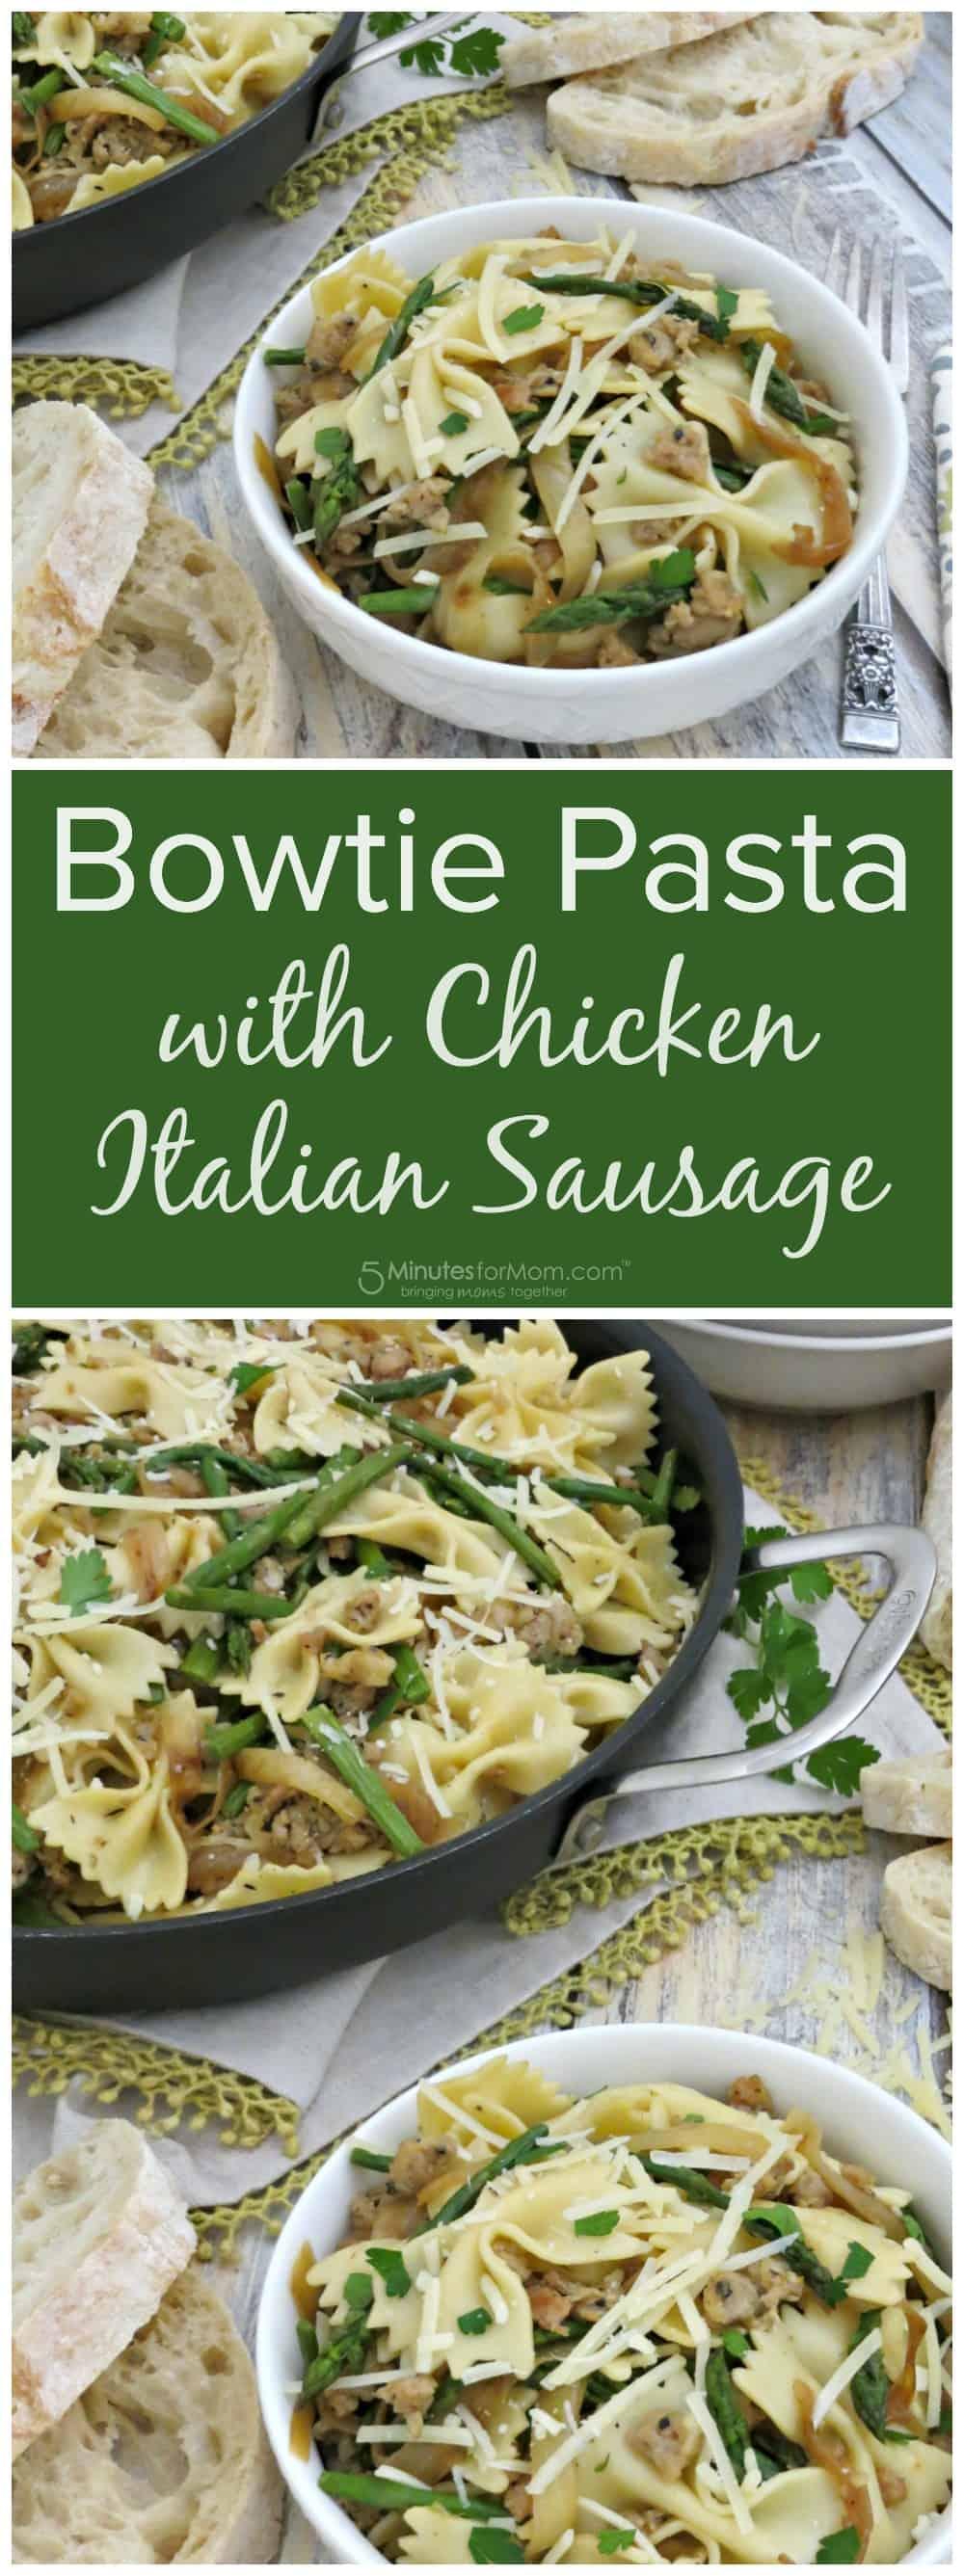 Bowtie Pasta with Chicken Italian Sausage